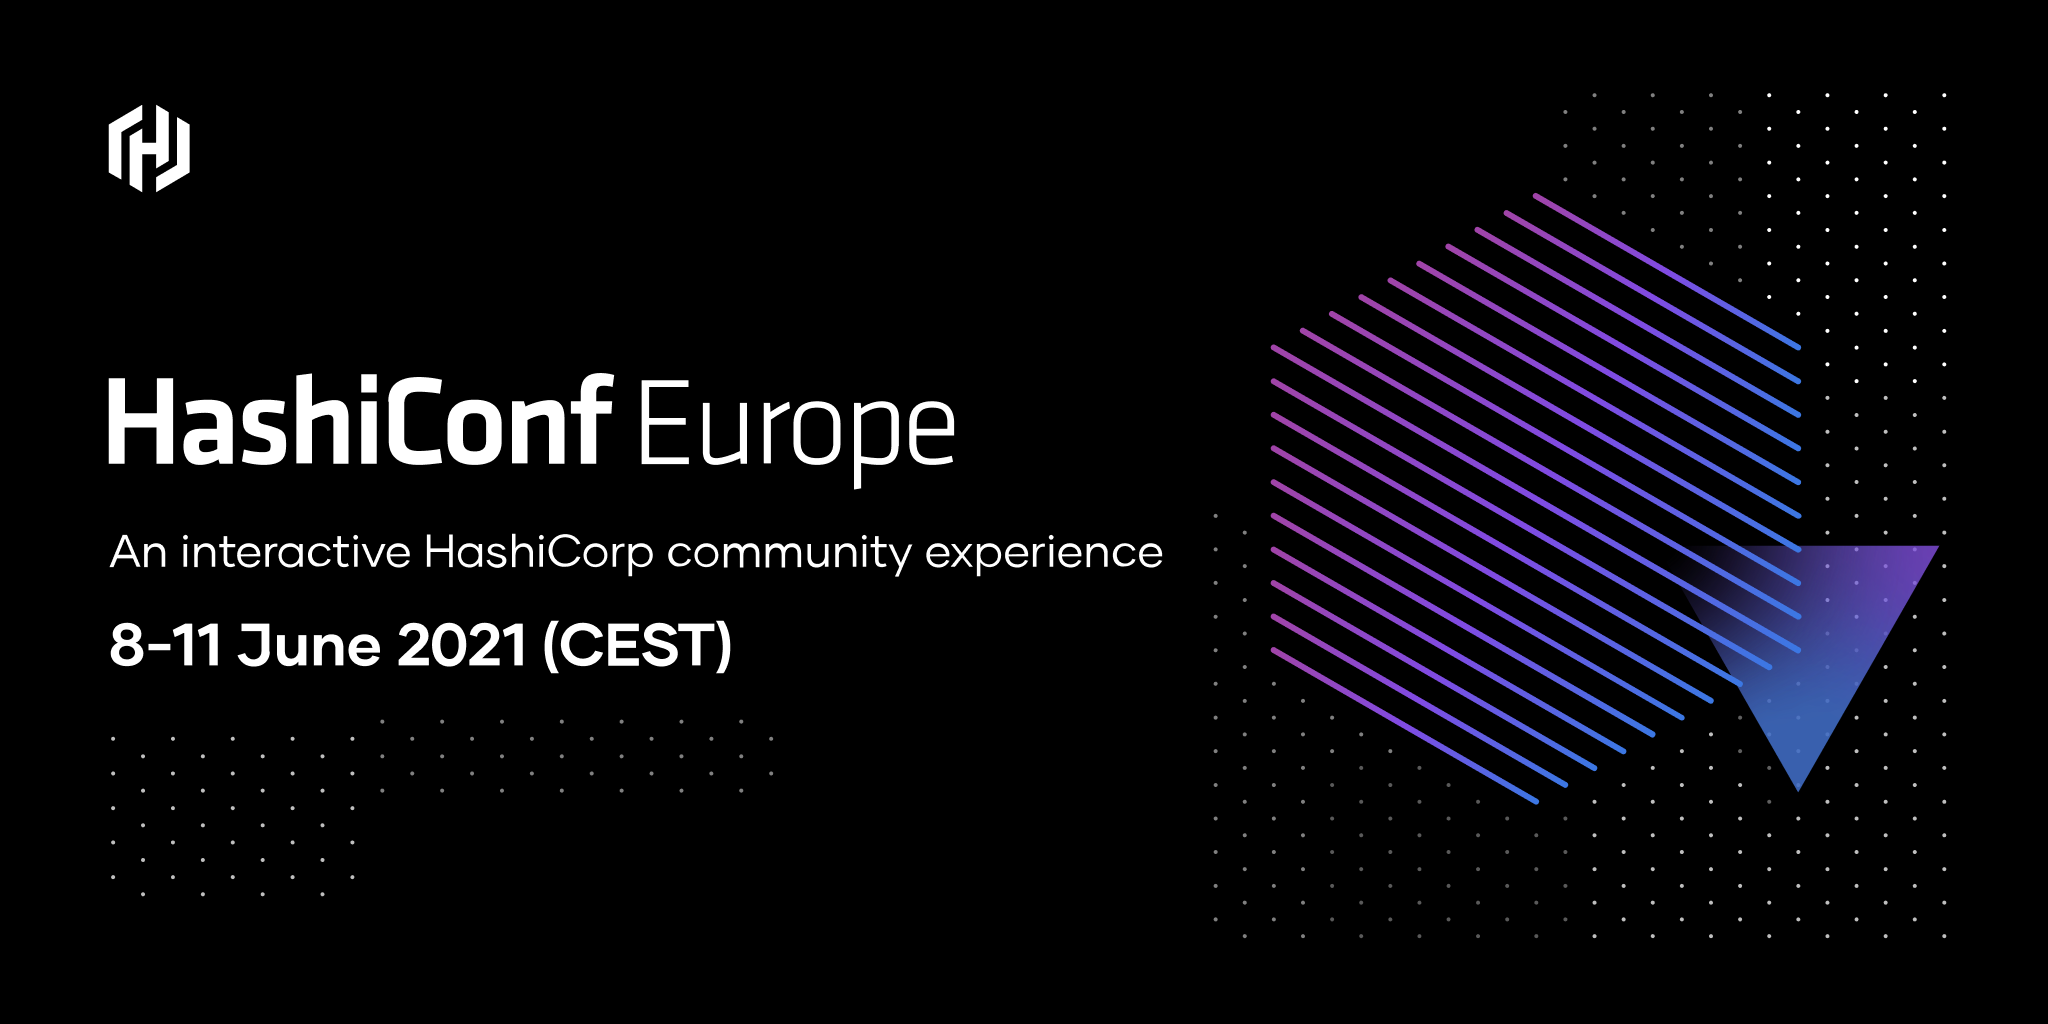 HashiConf Europe 2021